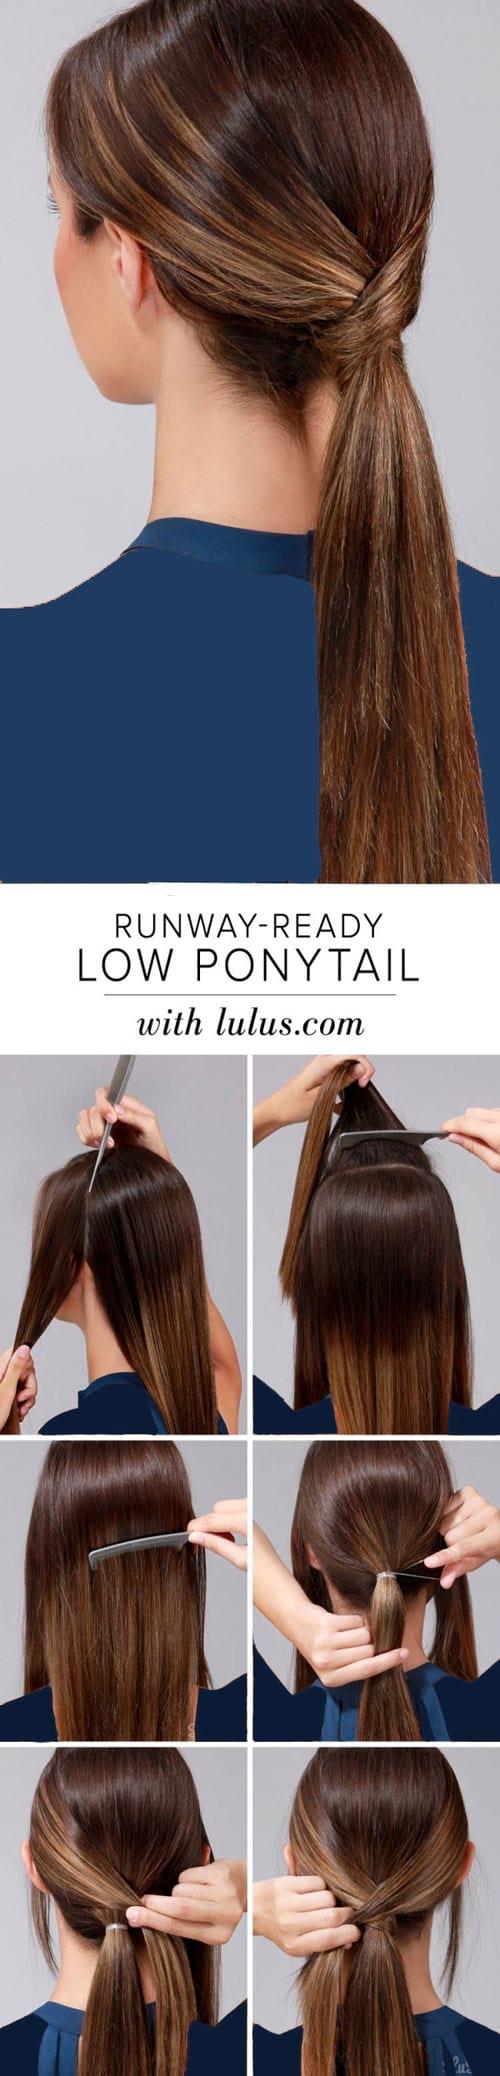 آموزش مدل های بستن مو برای خانم های تنبل (7)